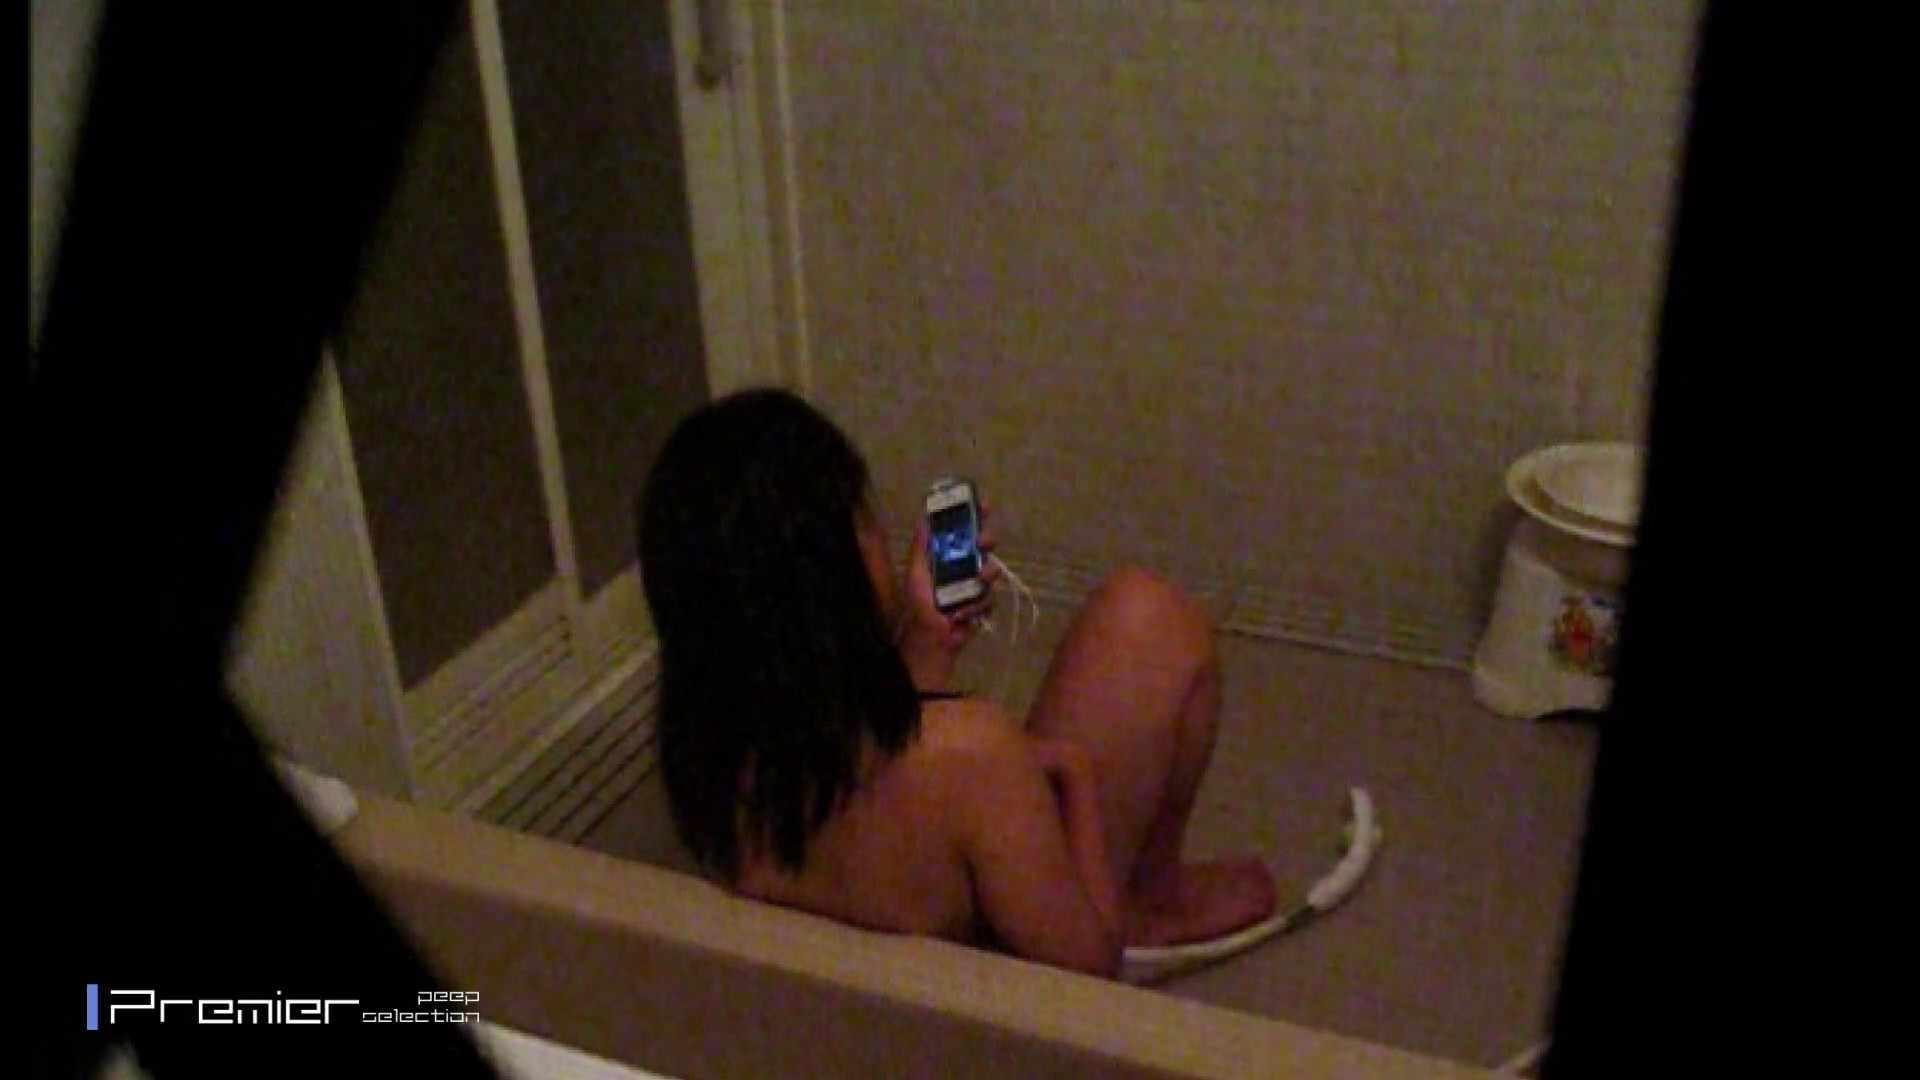 携帯触りなが満子をいじる 乙女の風呂場 Vol.19 OLの実態  98pic 32